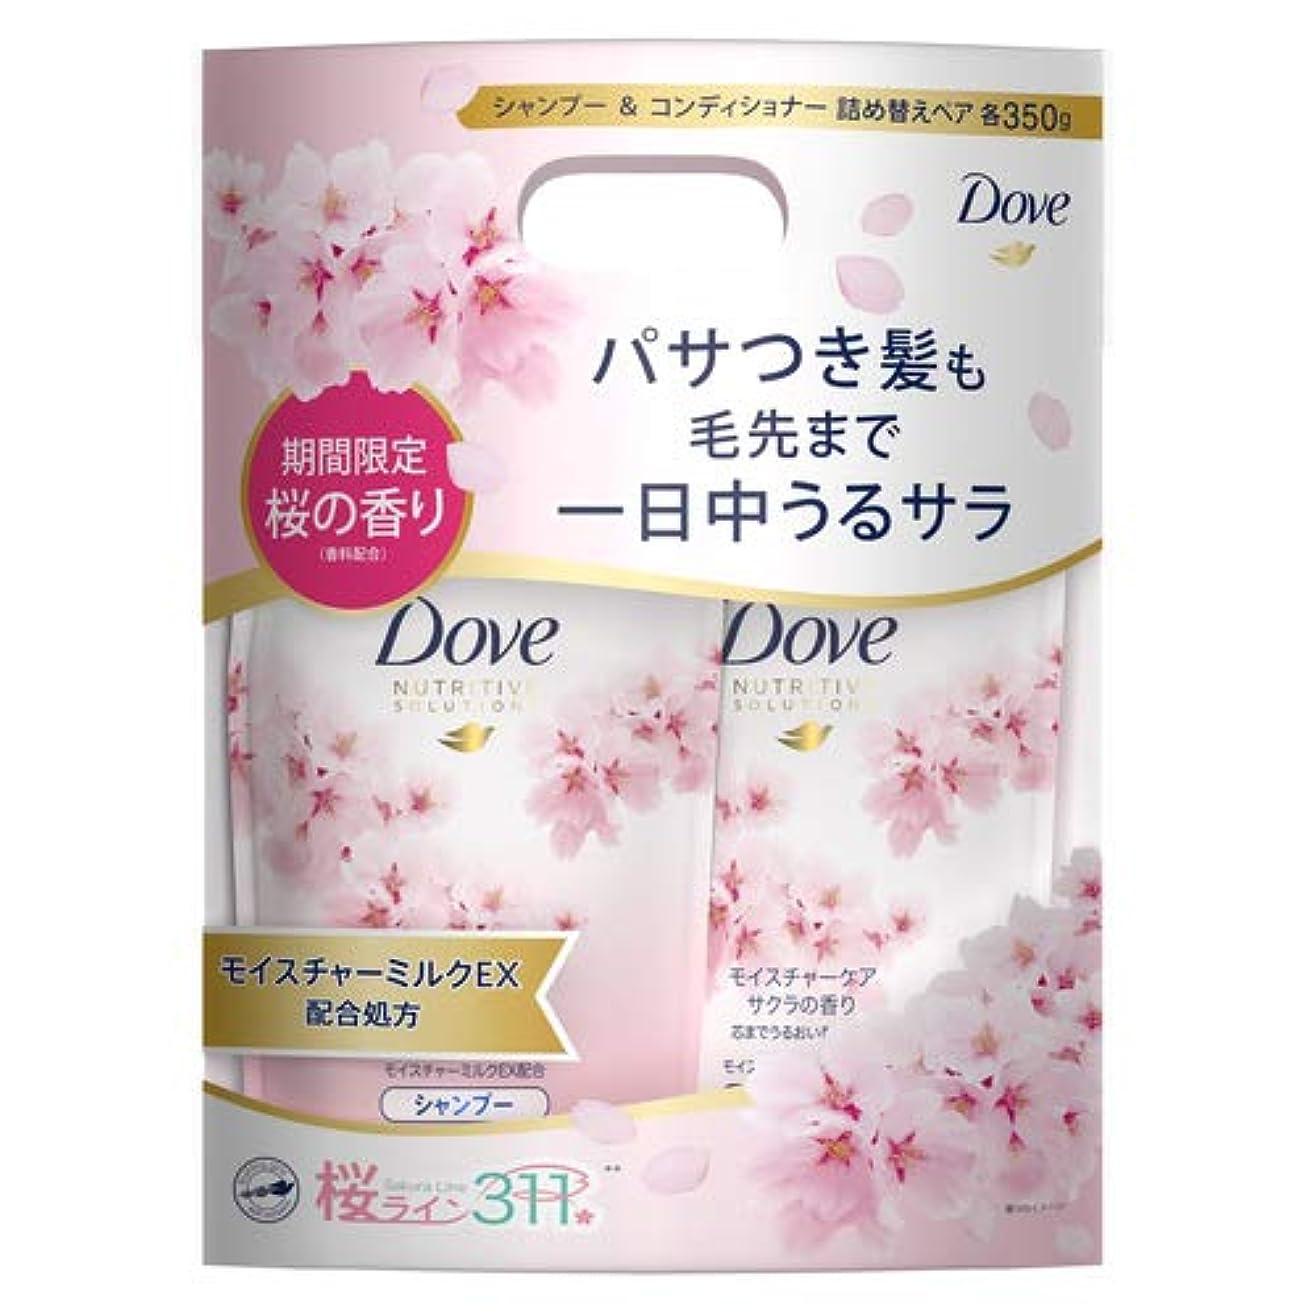 紳士気取りの、きざな最高真実Dove(ダヴ) ダヴモイスチャー サクラ かえペア ボディソープ 詰替え用 350g+350g